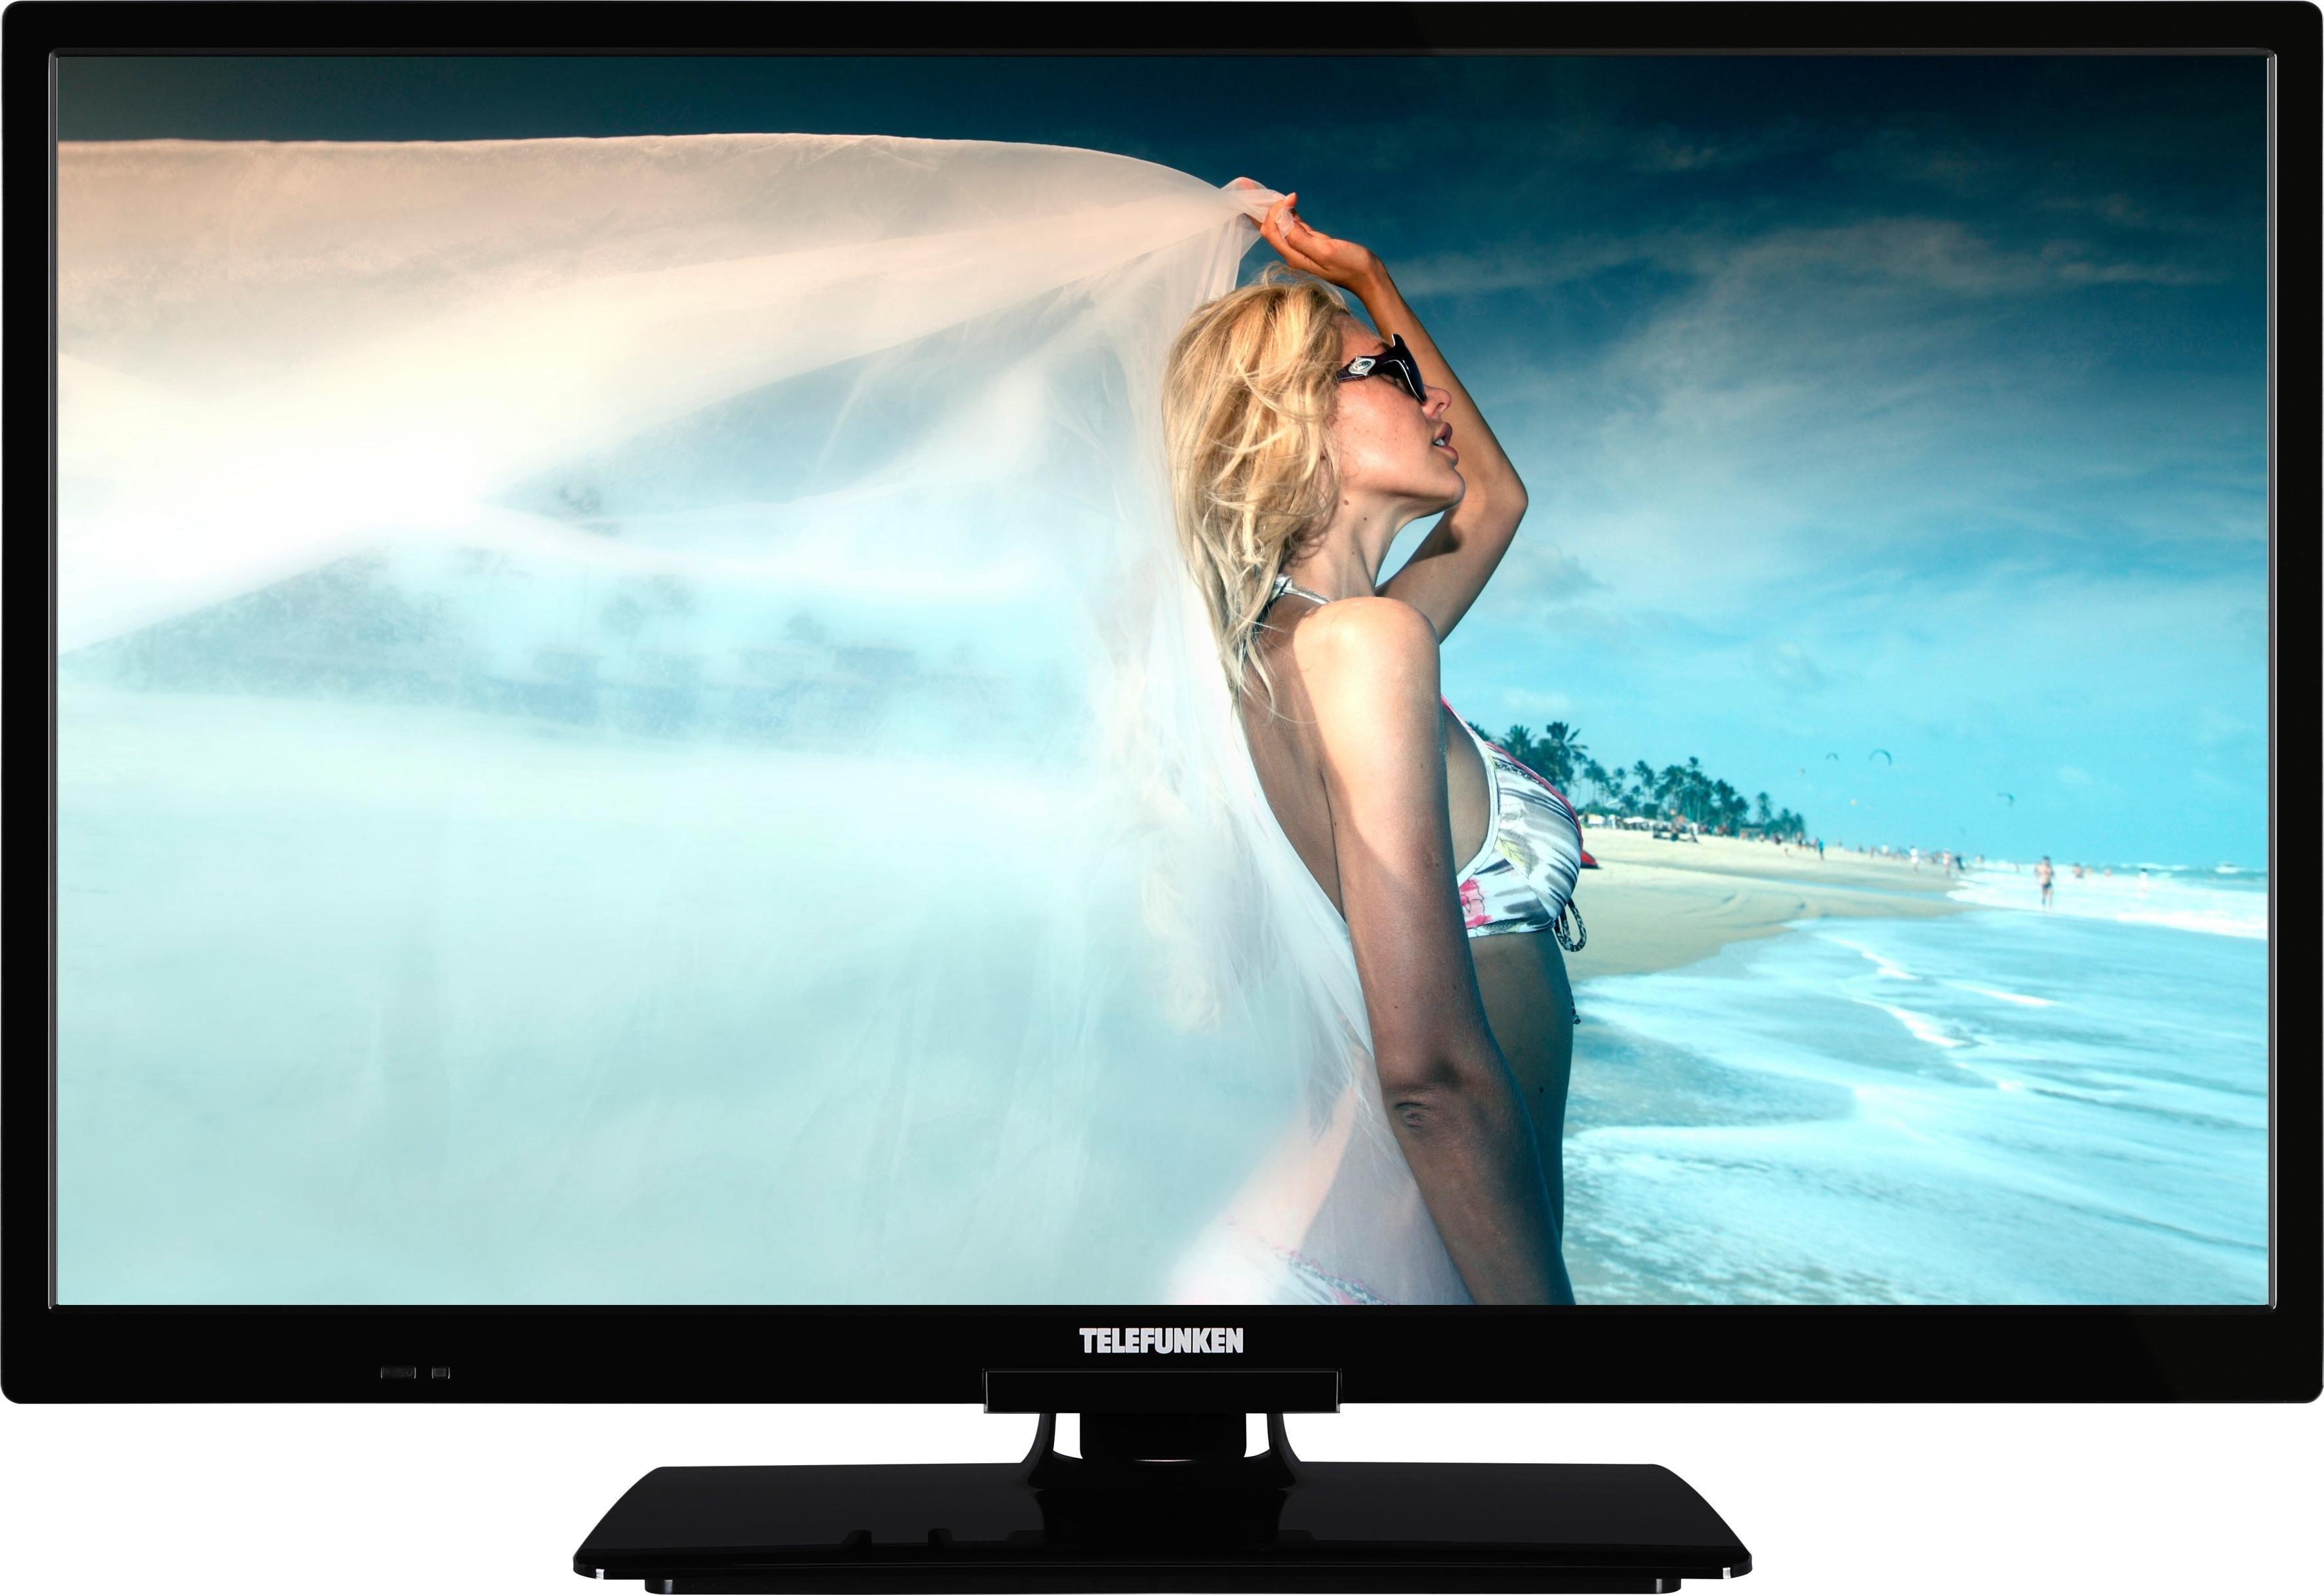 Telefunken L22F506M4 led-tv (55 cm / 22 inch) nu online kopen bij OTTO